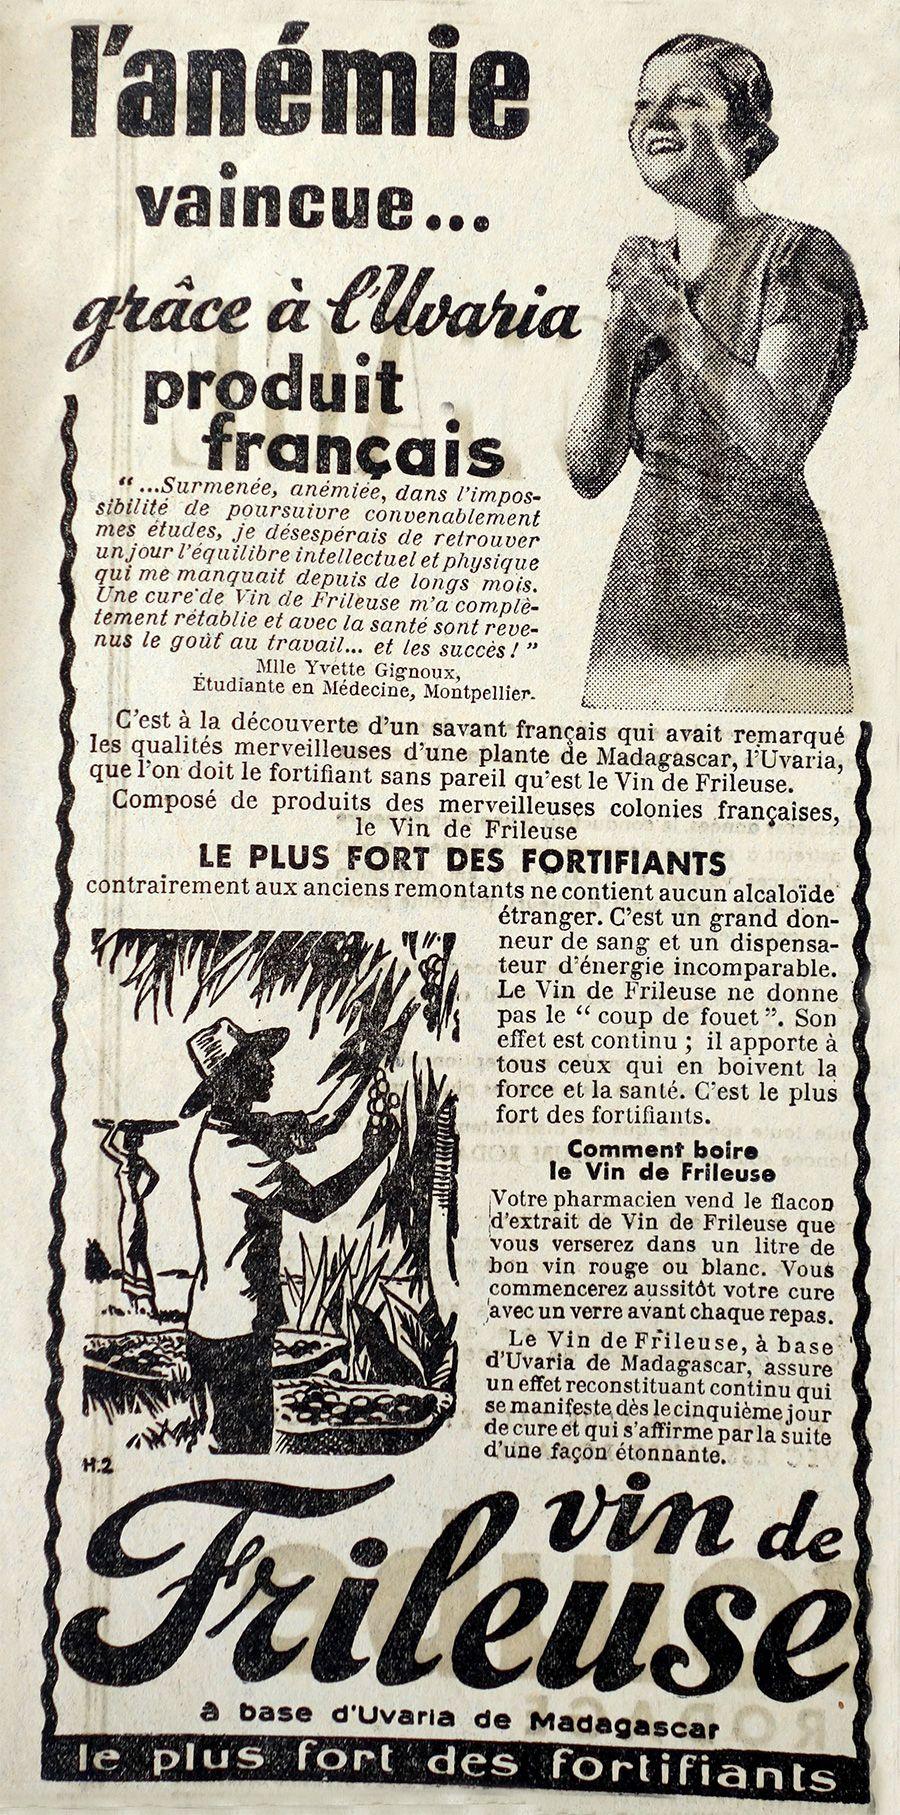 """Résultat de recherche d'images pour """"VIN DE FRILEUSE"""""""